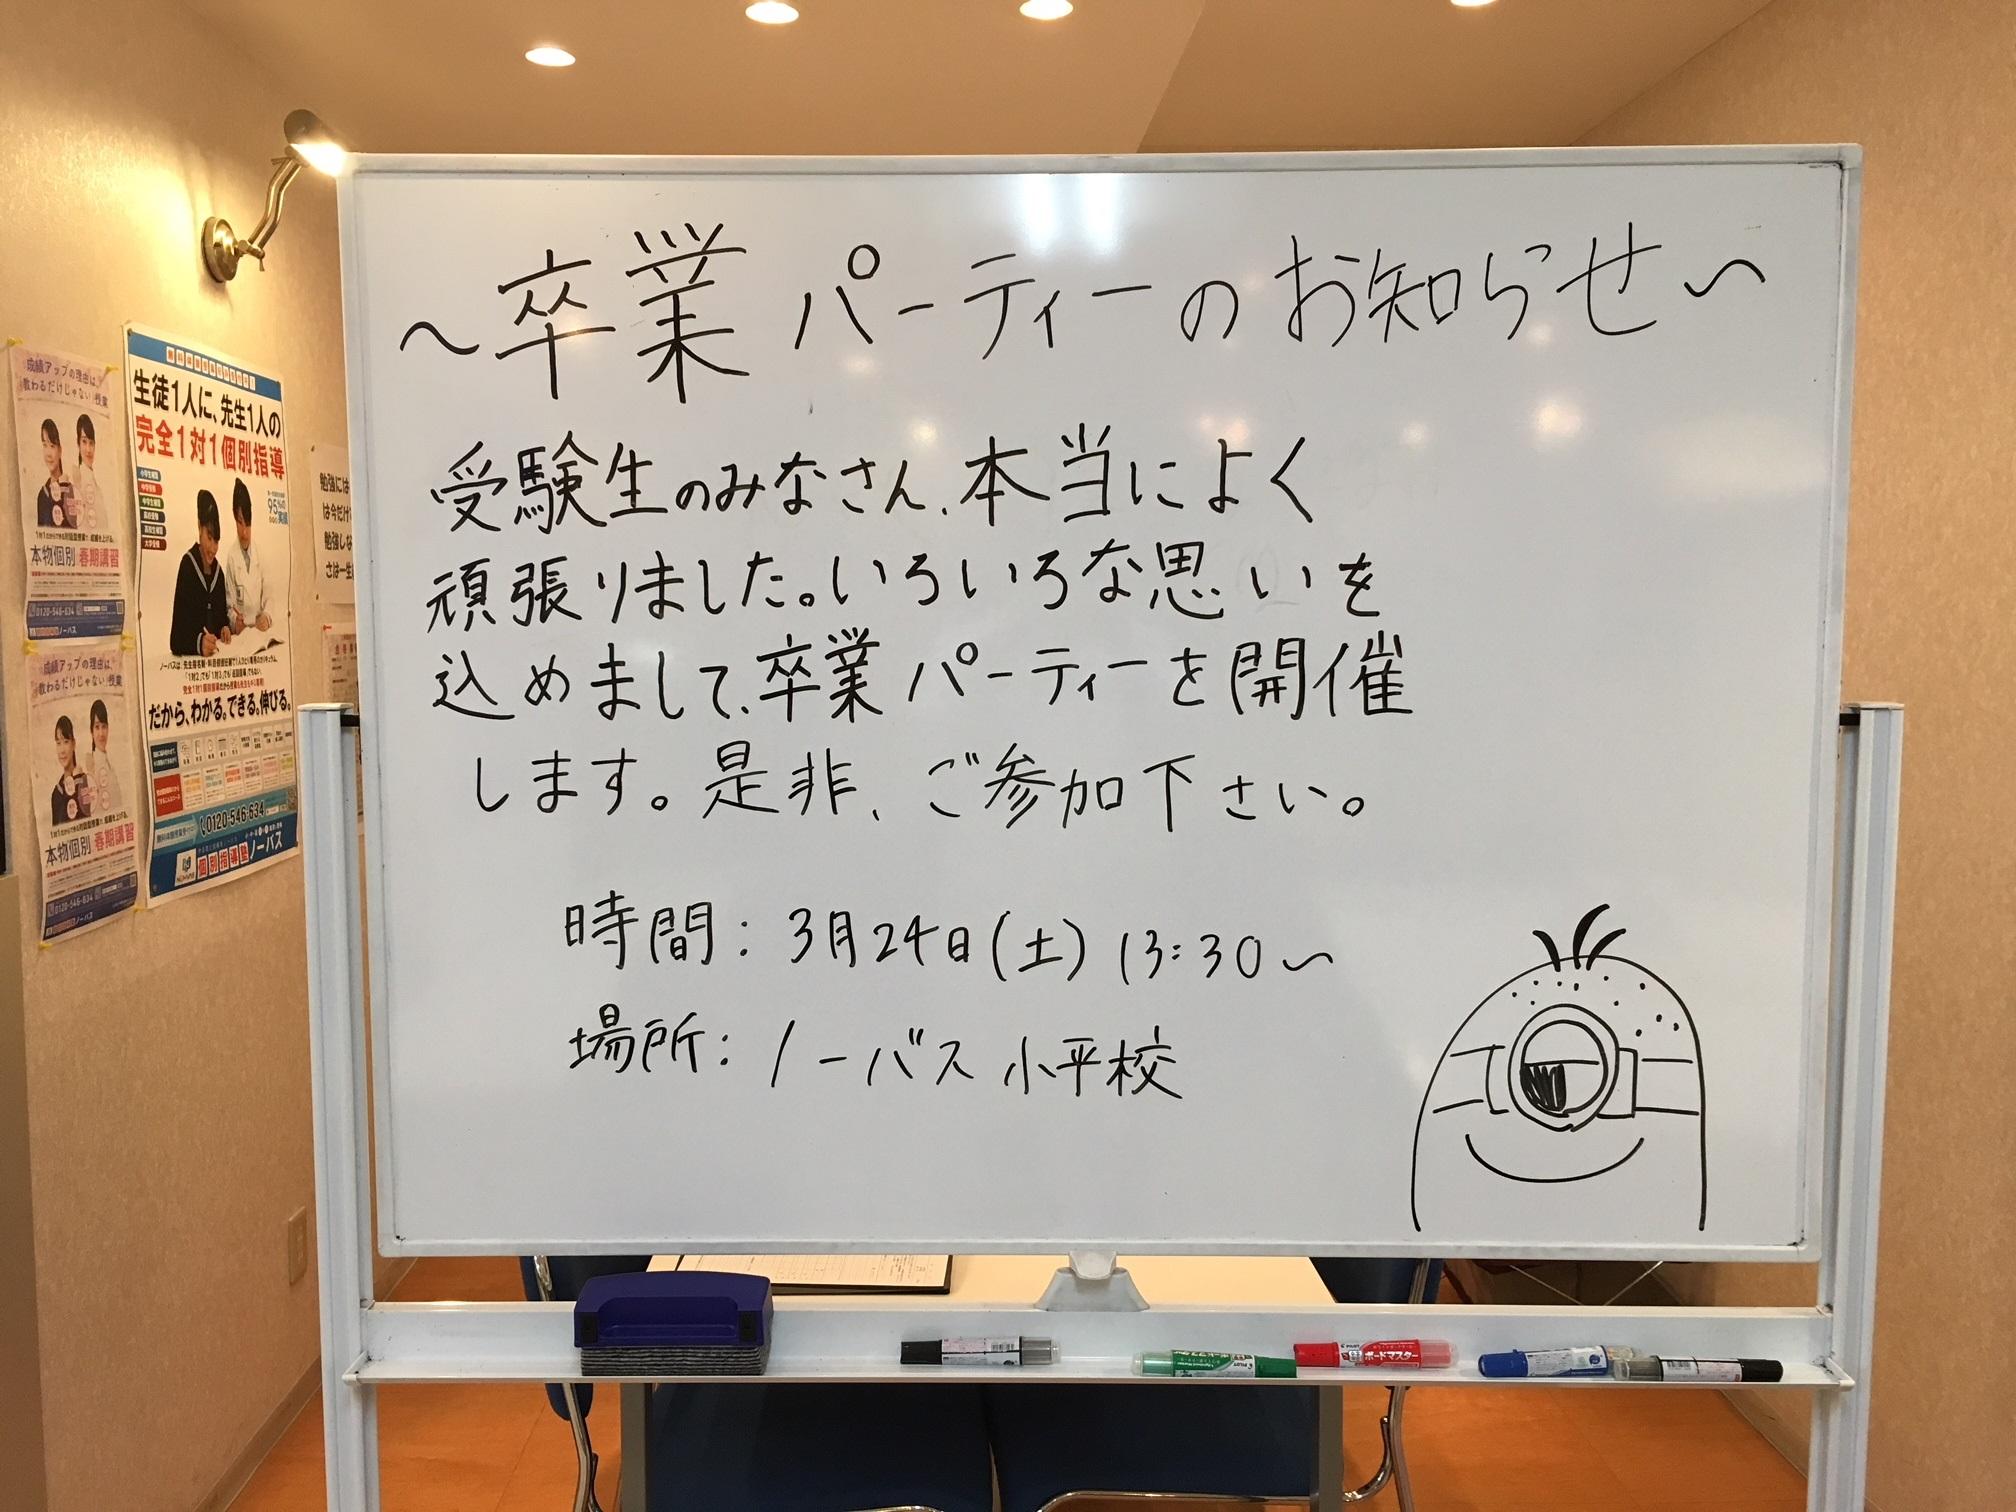 卒業パーティーのお知らせ画像